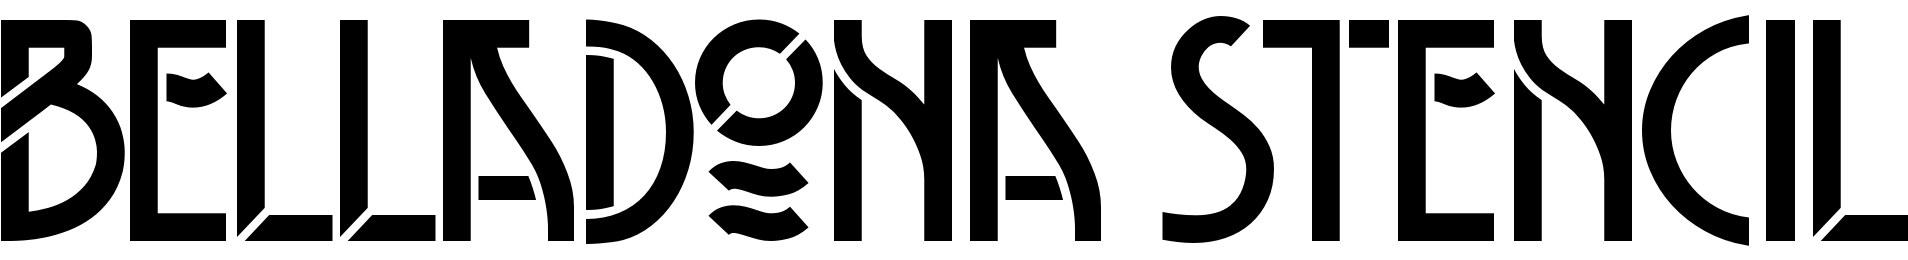 Belladona Stencil